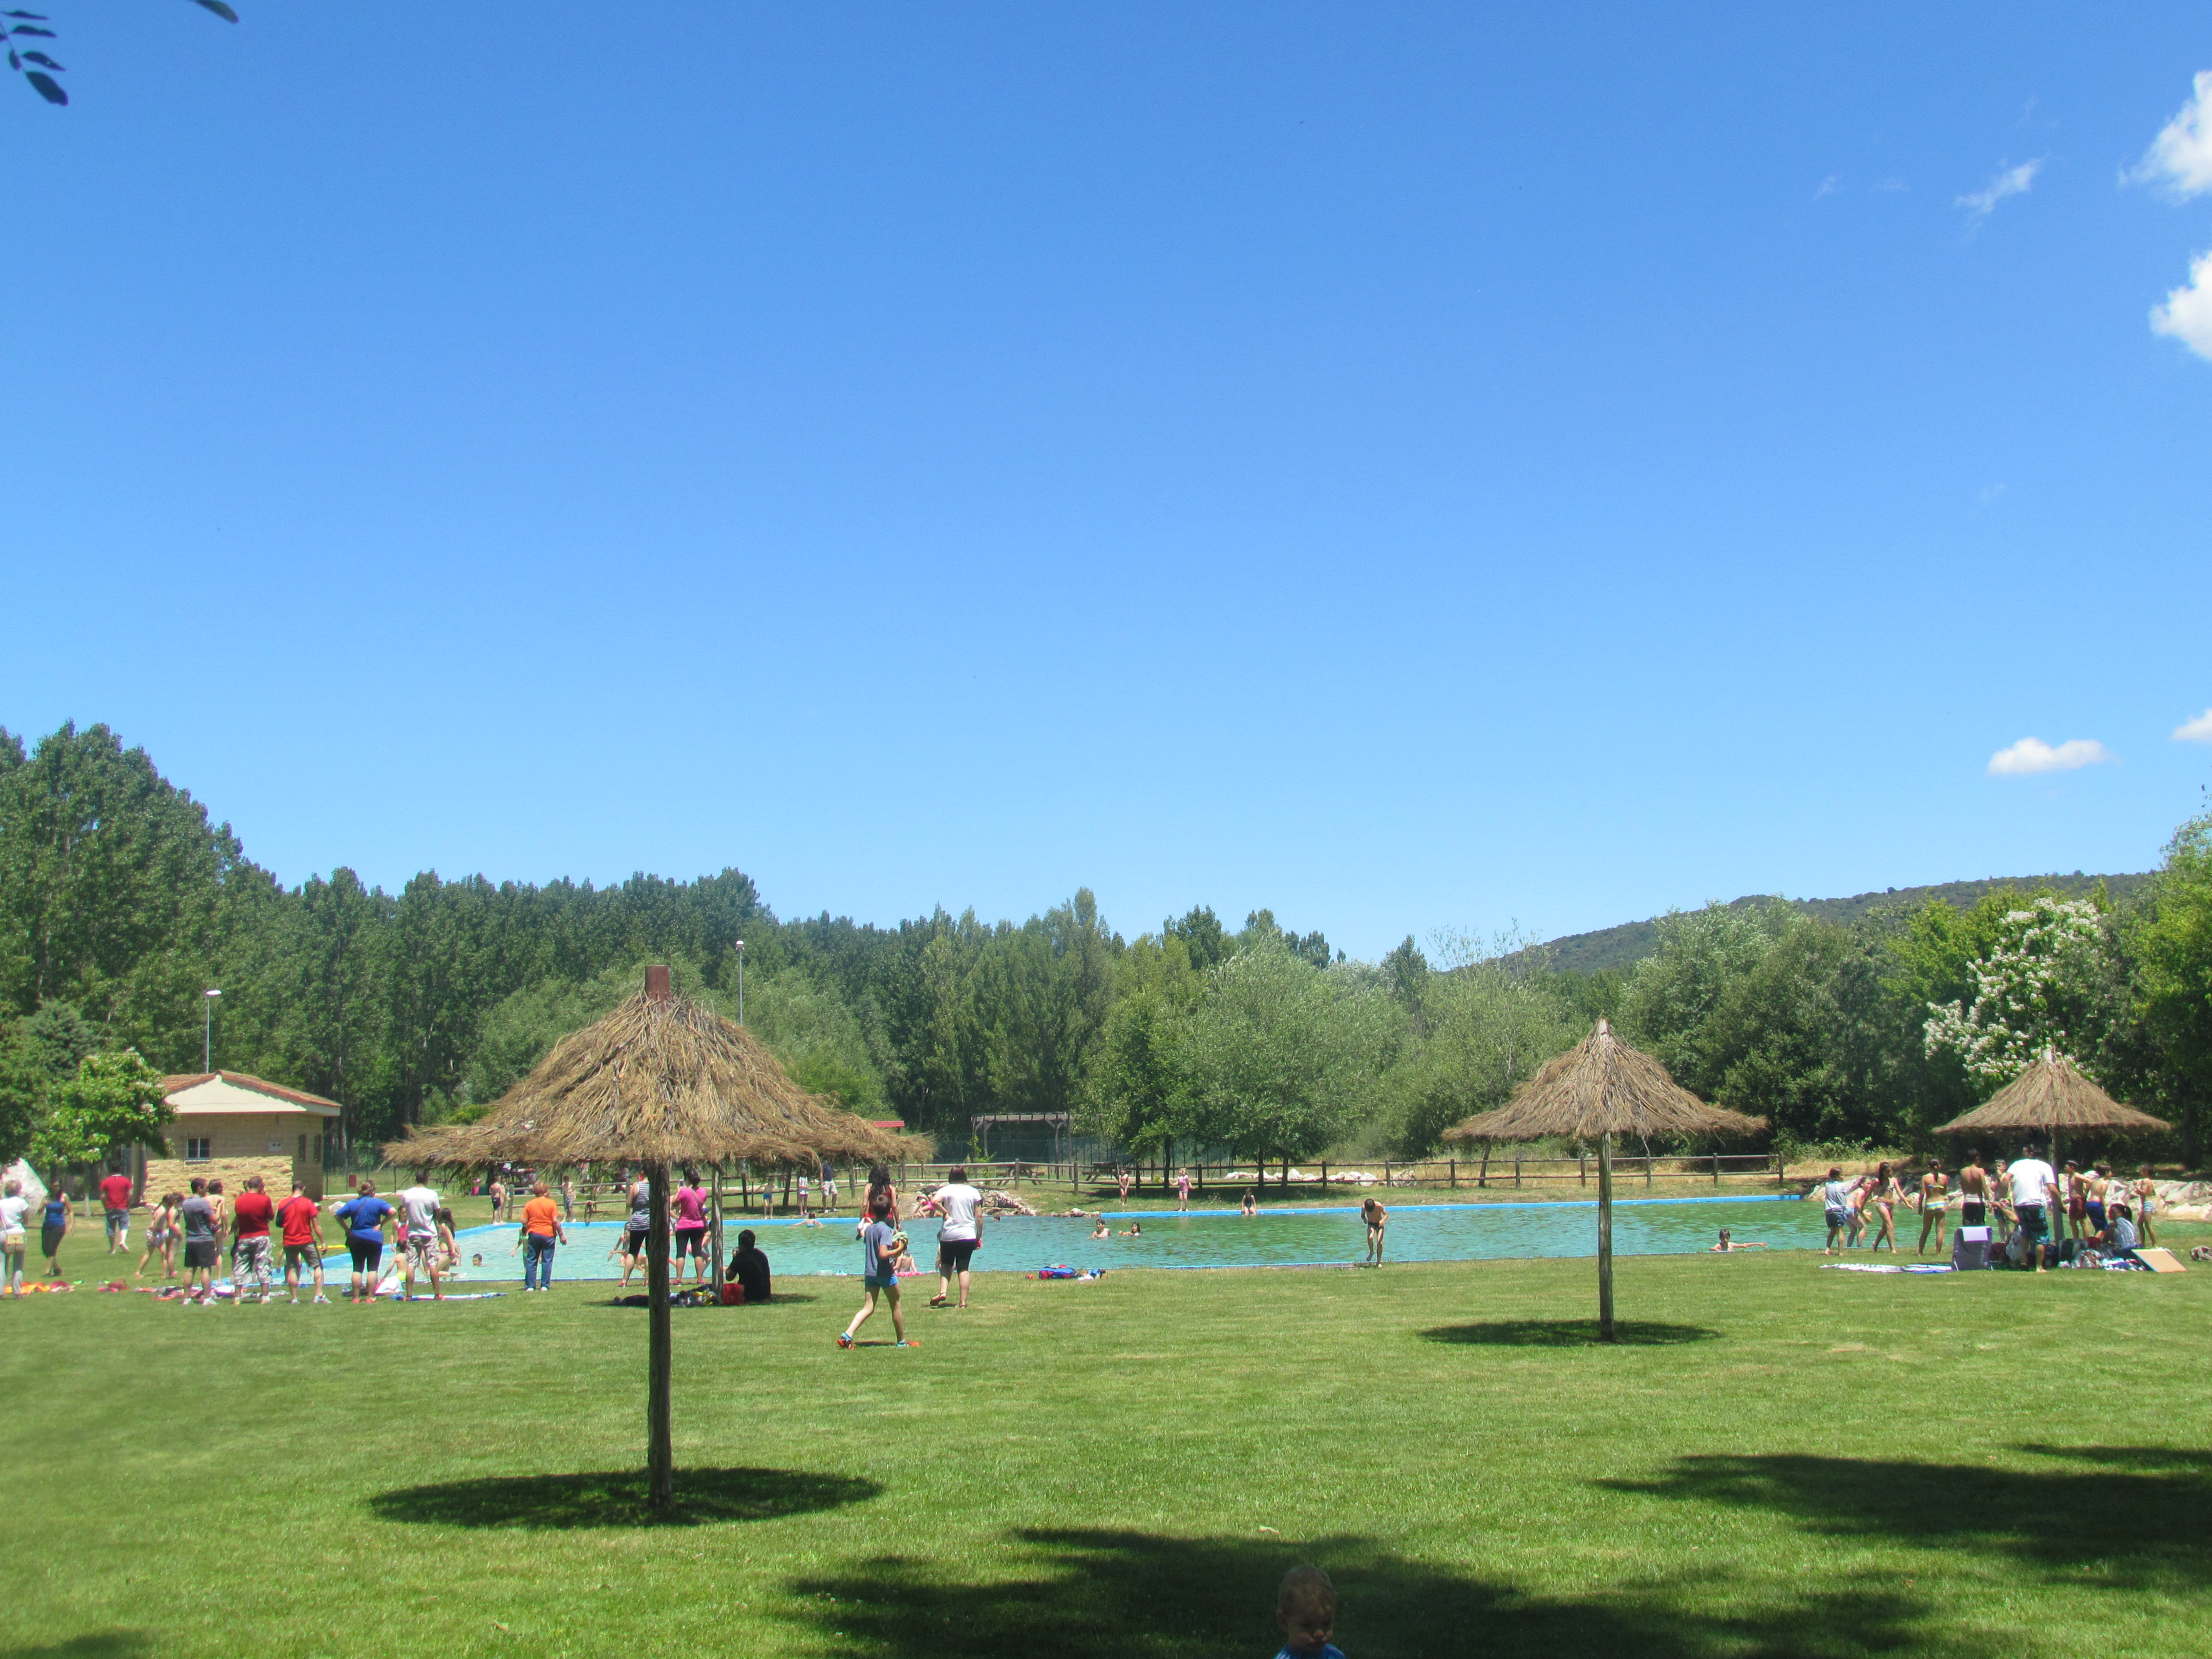 Zona camping ayuntamiento de llamas de la ribera for Piscinas fluviales leon